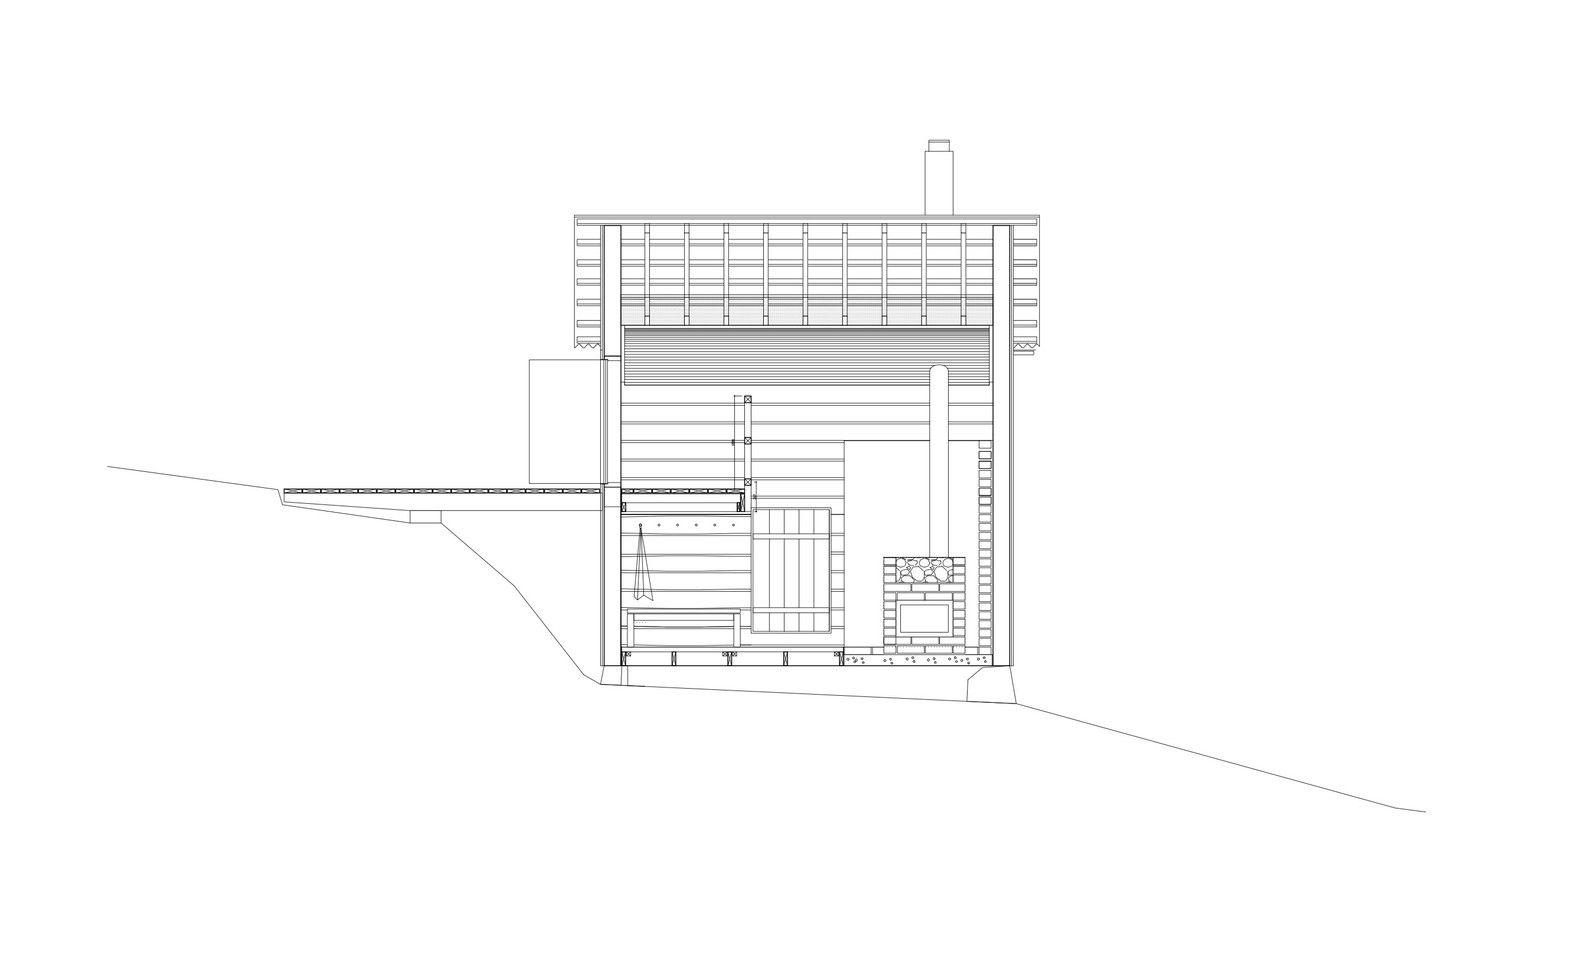 Galería - Sauna Tonttu / Anssi Lassila - Lassila Hirvilammi - 18